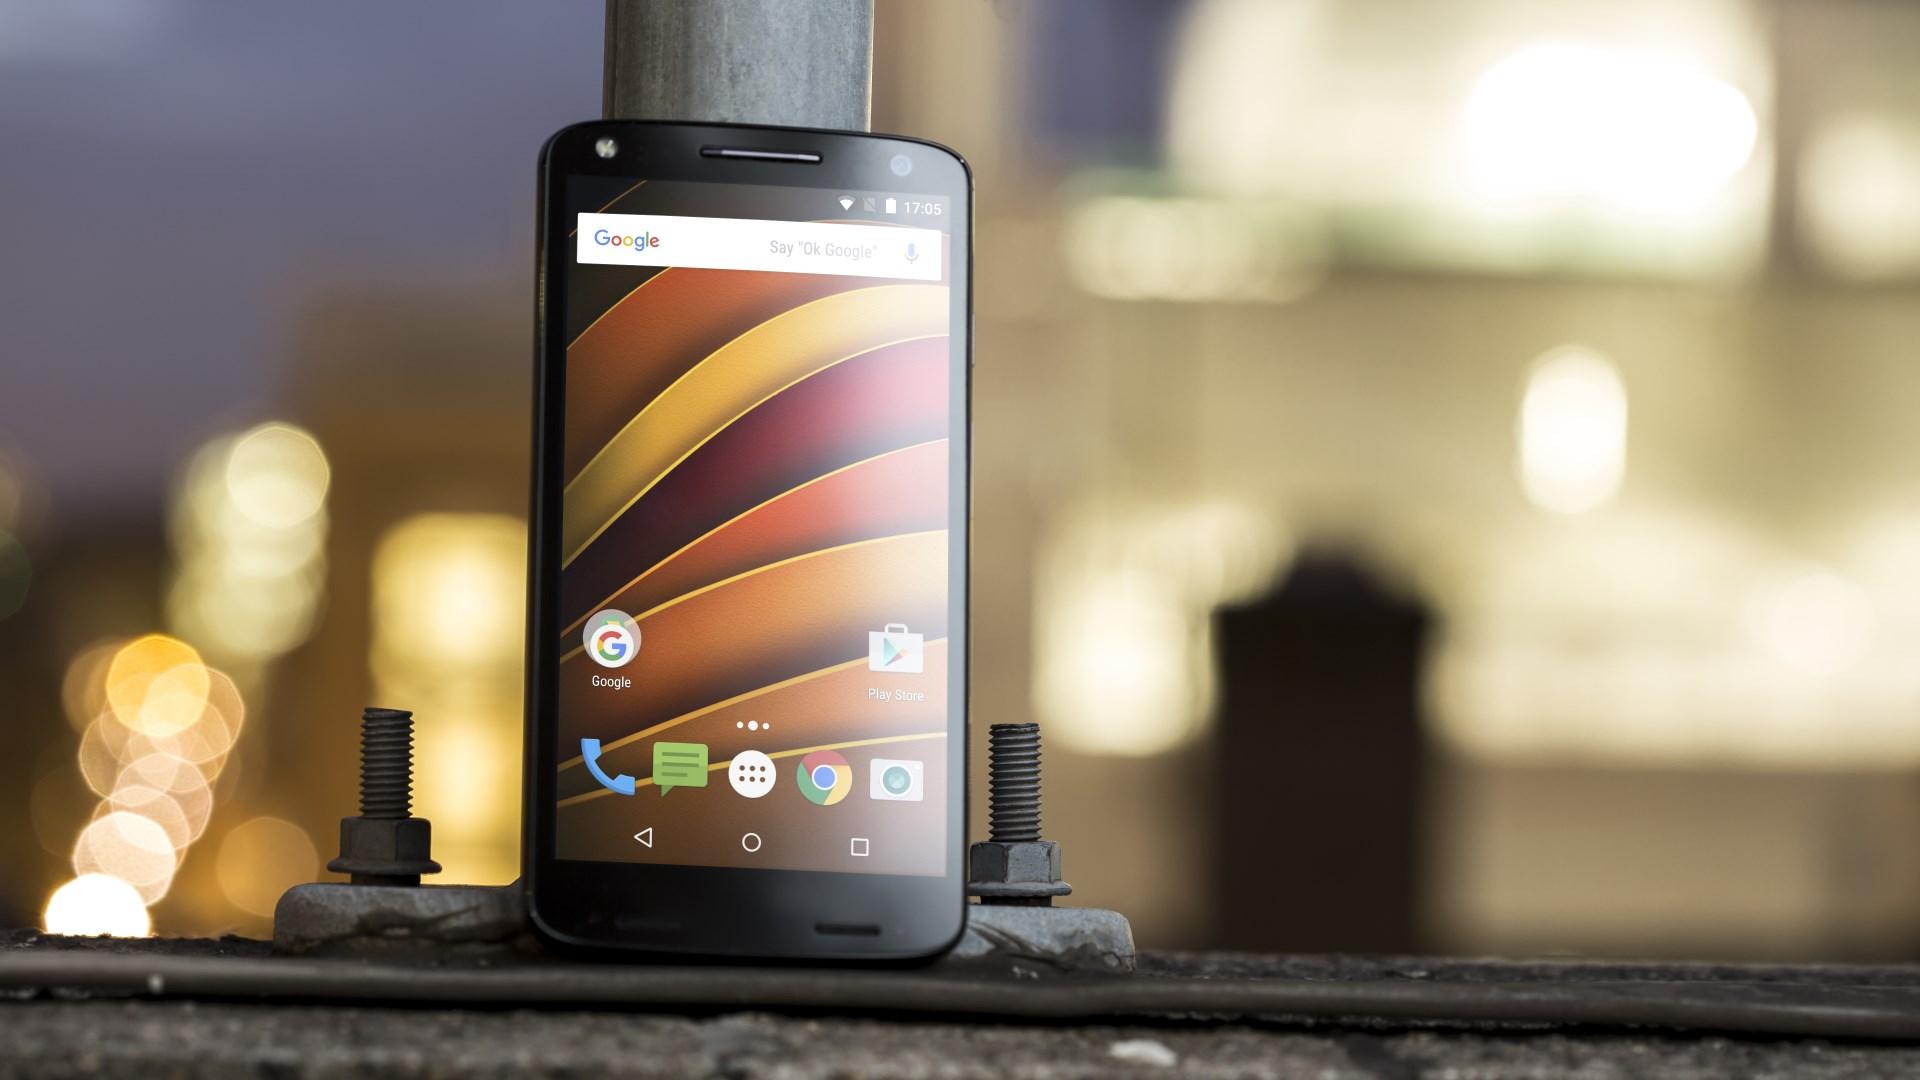 Avaliação do Motorola Moto X Force – o incrível smartphone à prova de quebra